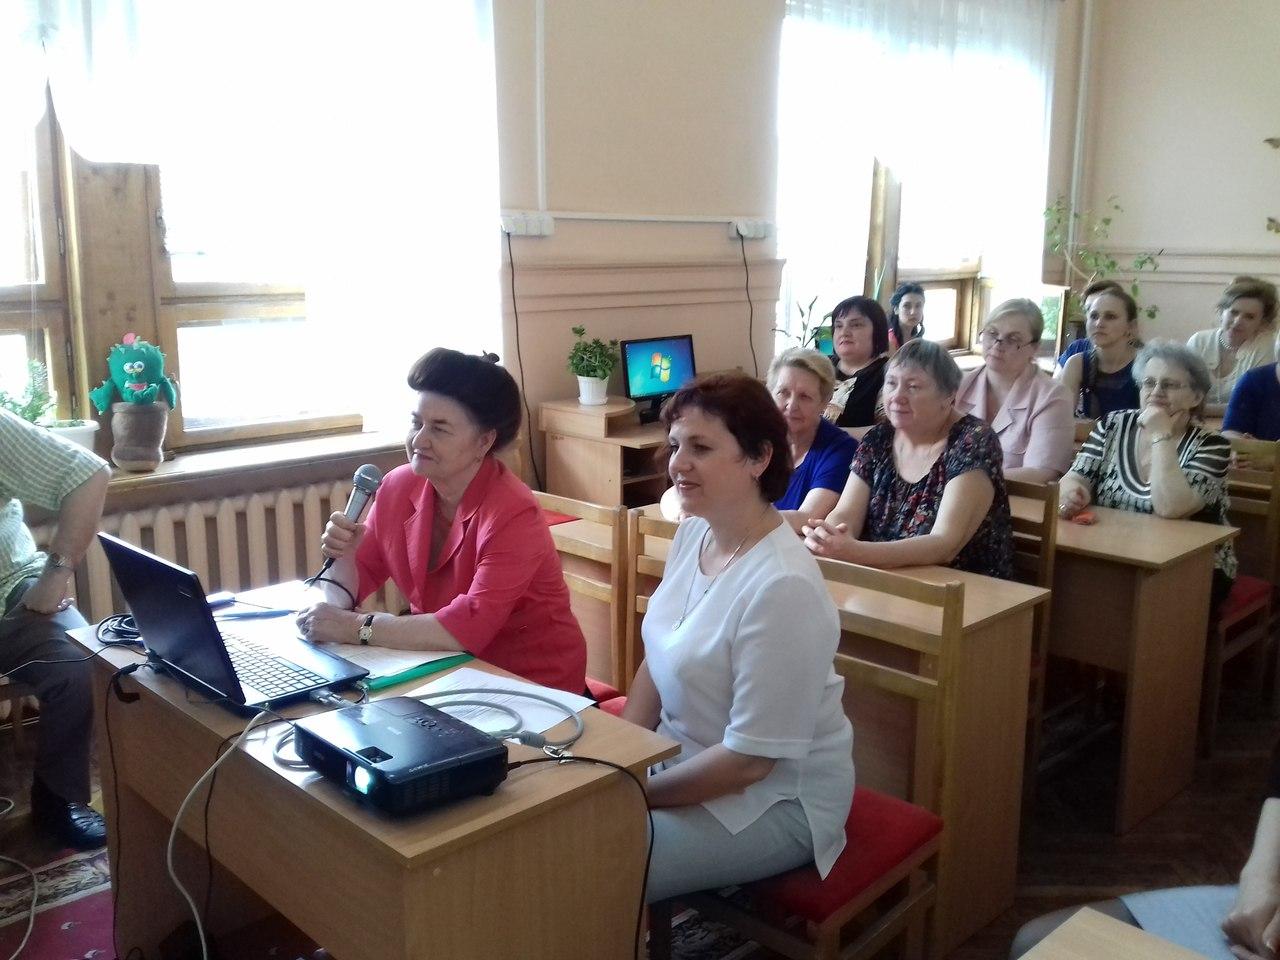 детская библиотека идеи будущего, донецкая республиканская библиотека для детей, ленинградская областная библиотека, международная он-лайн конференция